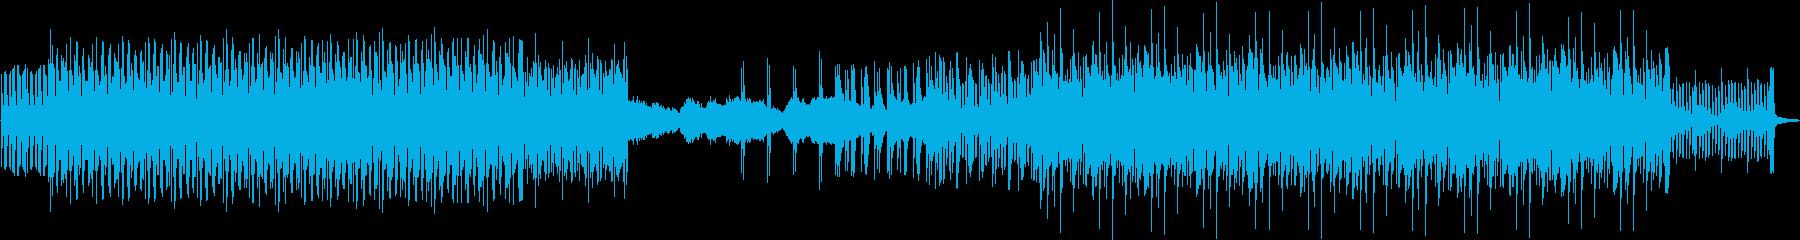 緊迫感とドライブ感のあるミニマルテクノの再生済みの波形